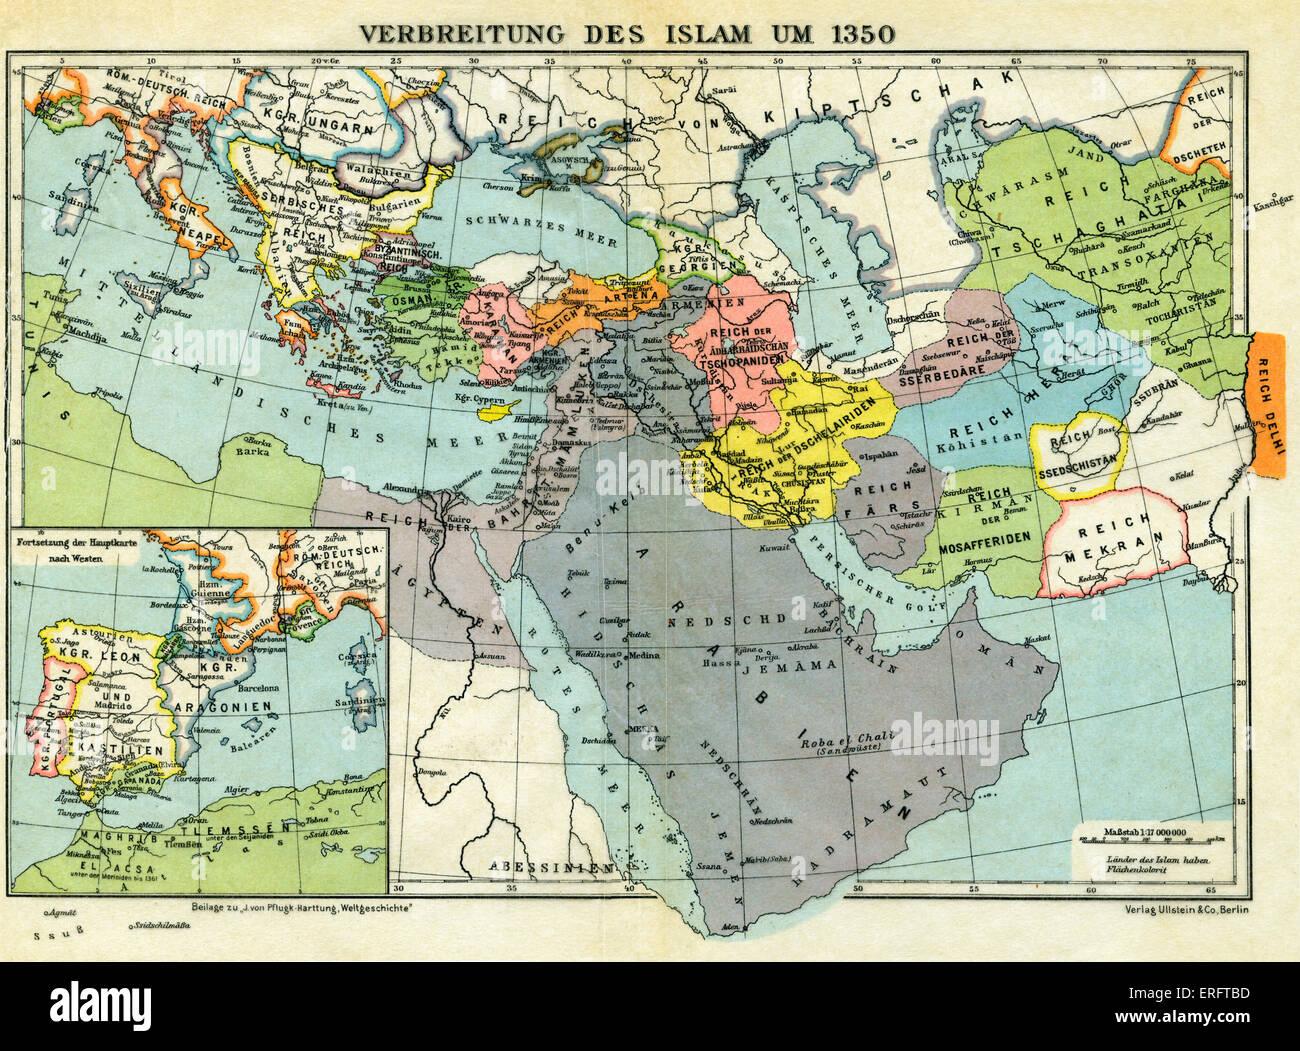 Die Ausbreitung des Islam, c. 1350 - Karte. Den Fortschritt in Europa des Islam bringen ihren Einfluss auf Religion Stockbild